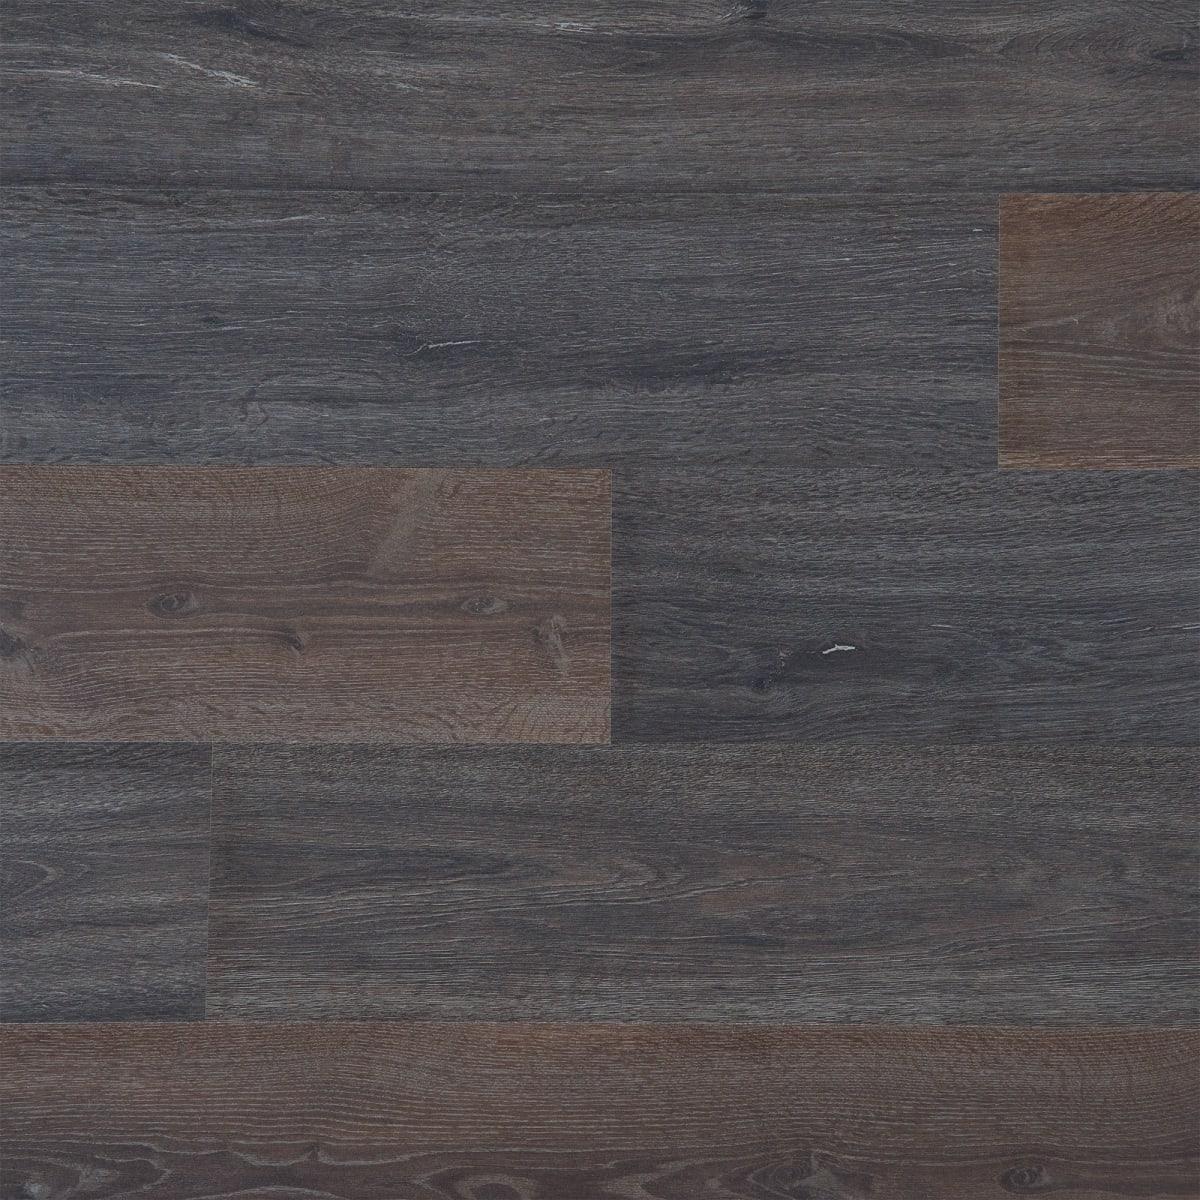 Ламинат Artens «Элинга» 33 класс толщина 12 мм 1.48 м²